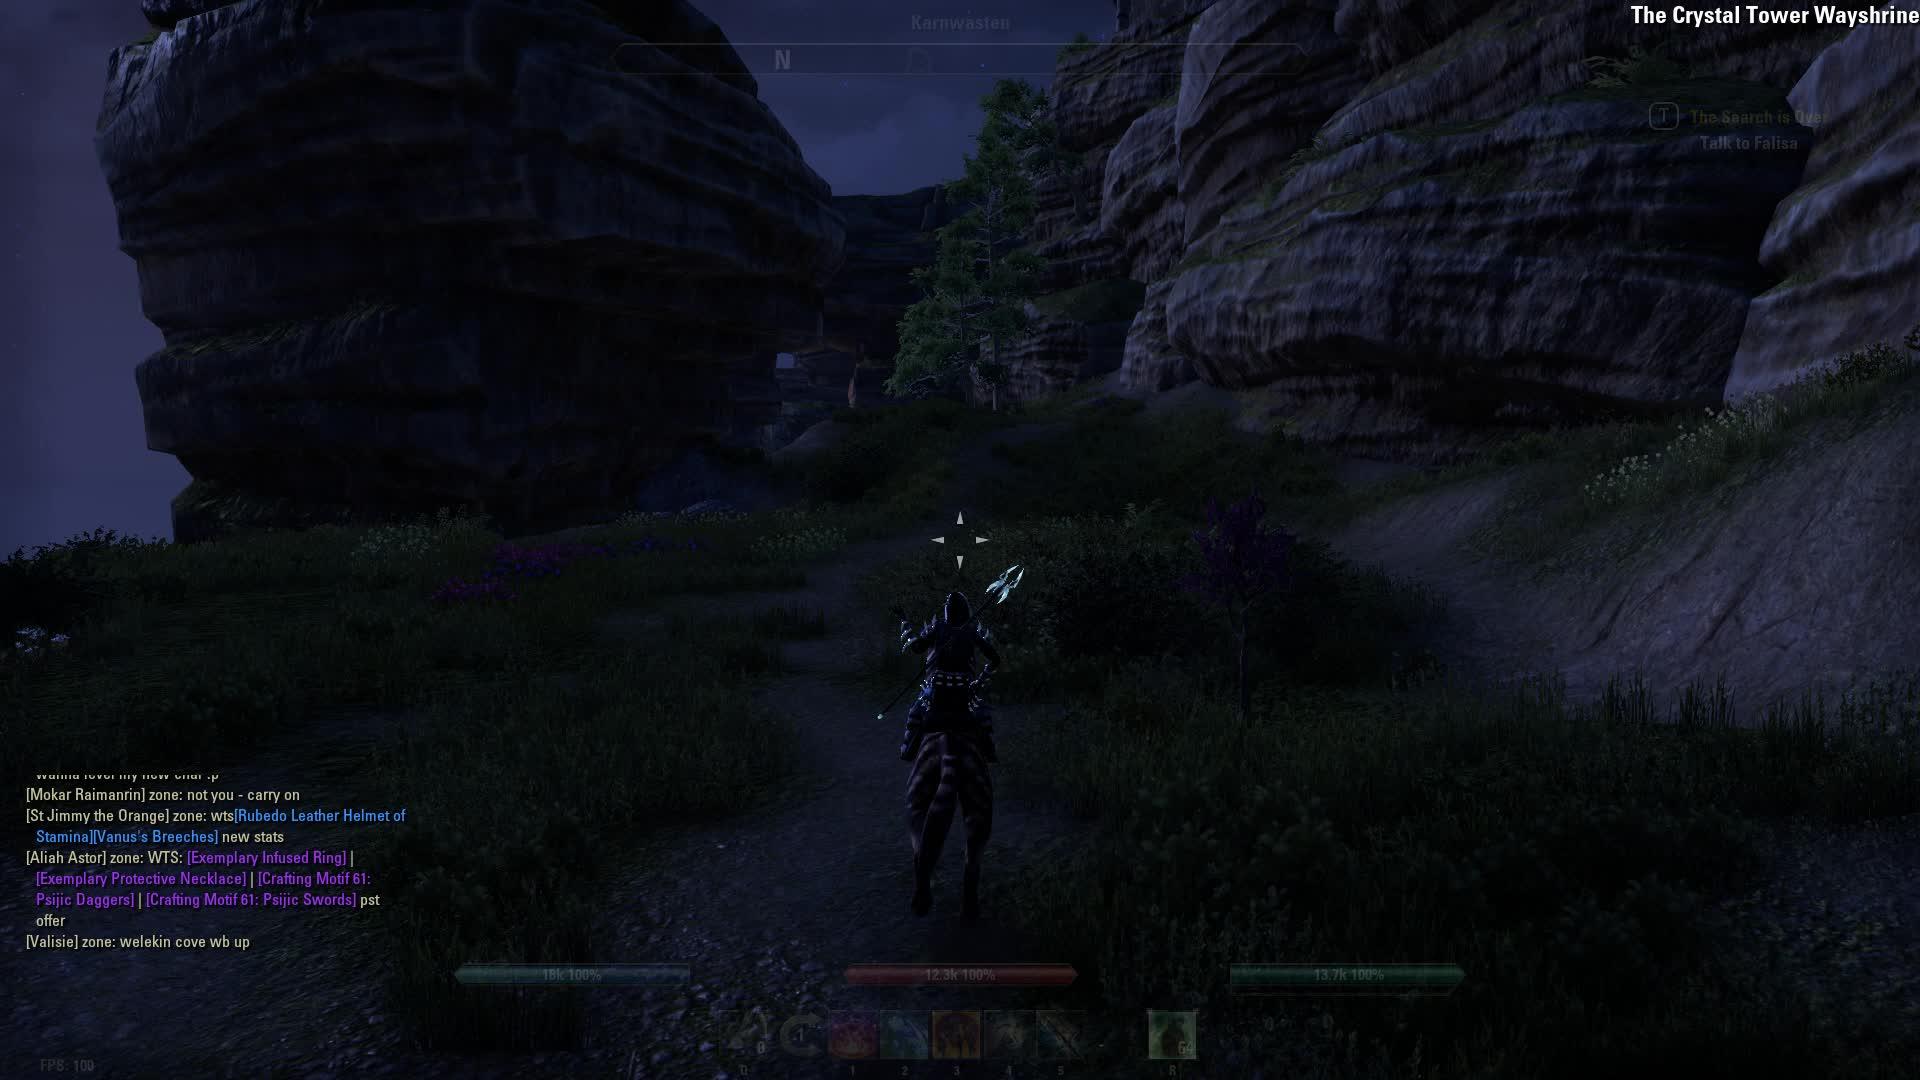 elderscrollsonline, Elder Scrolls Online 2018.05.25 - 19.53.00.01 GIFs